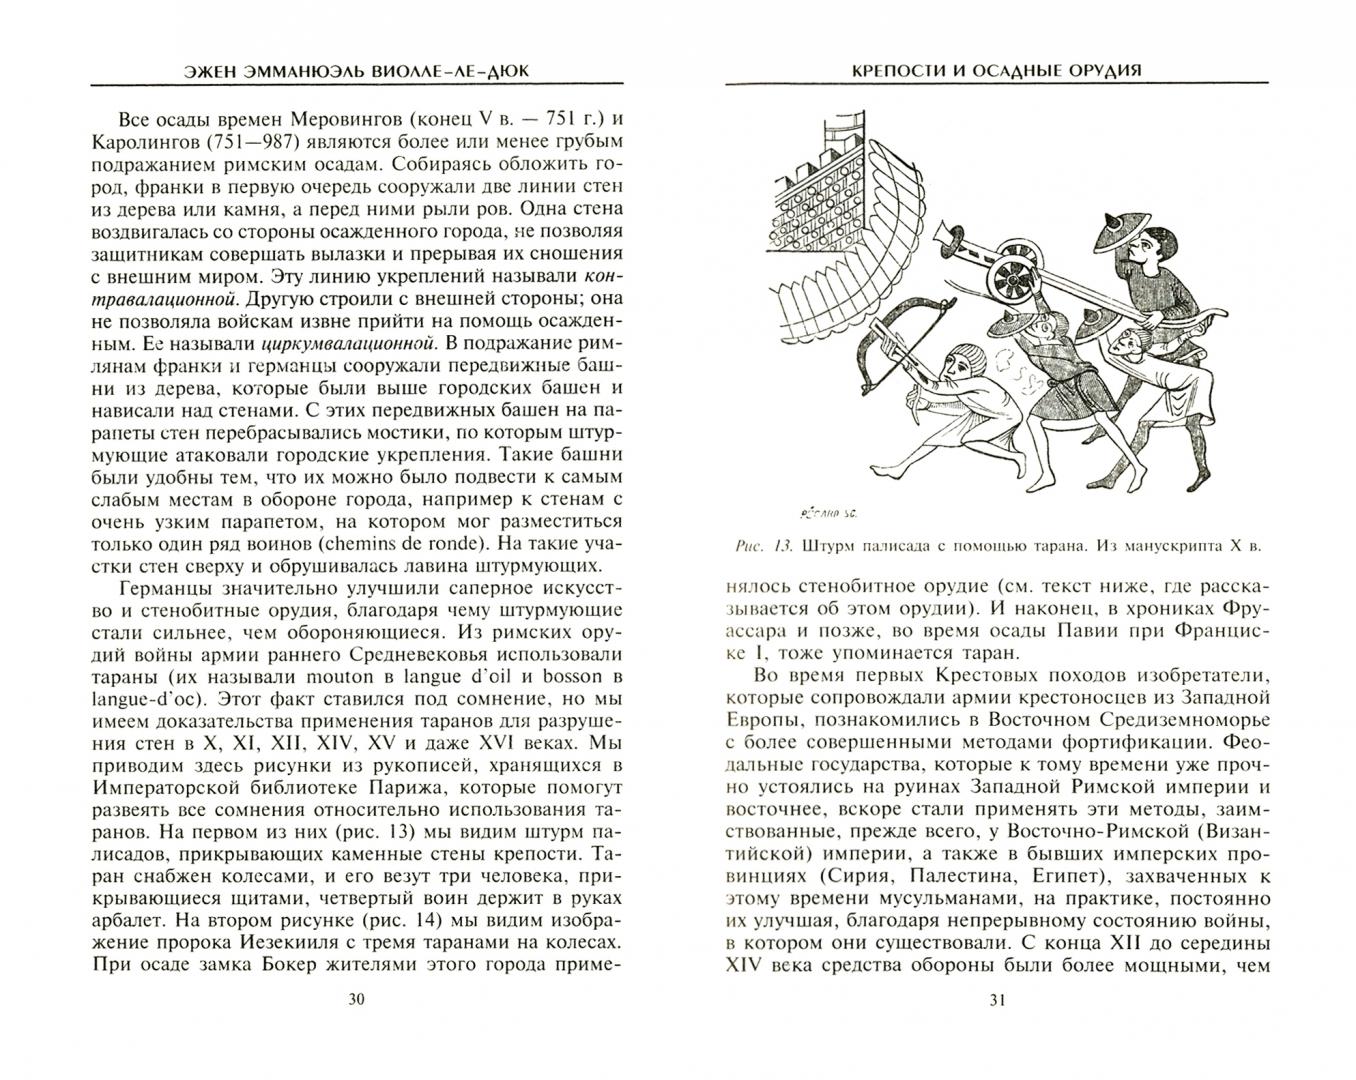 Иллюстрация 1 из 5 для Крепости и осадные орудия. Средства ведения войны в Средние века - Эжен Виолле-Ле-Дюк | Лабиринт - книги. Источник: Лабиринт